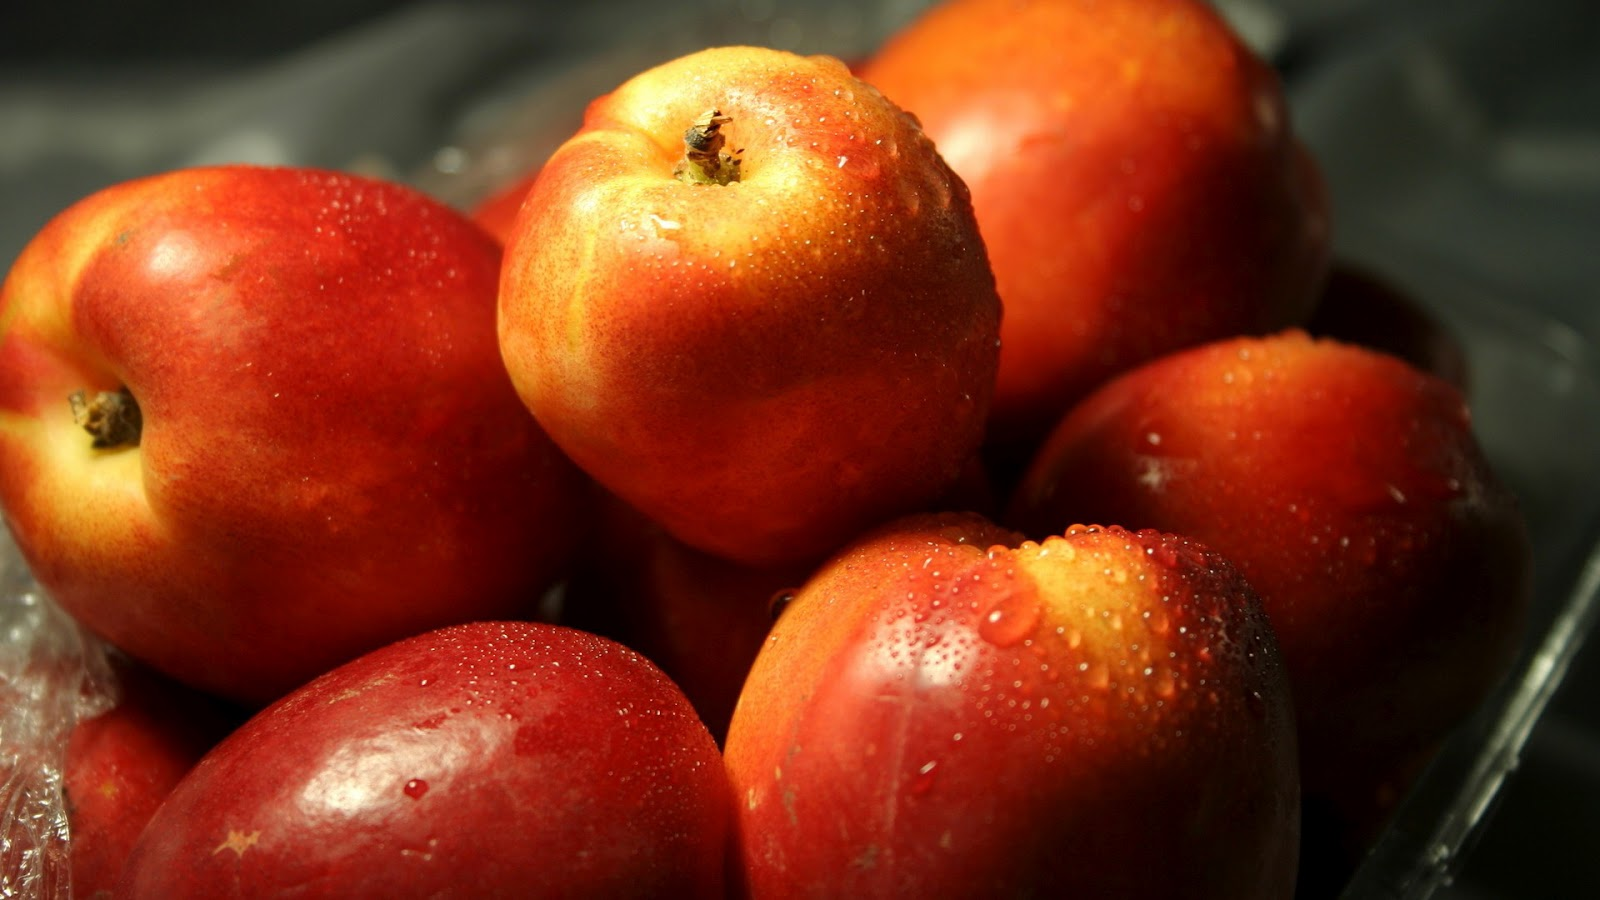 ApplefruitWallpaperjpg 1600x900